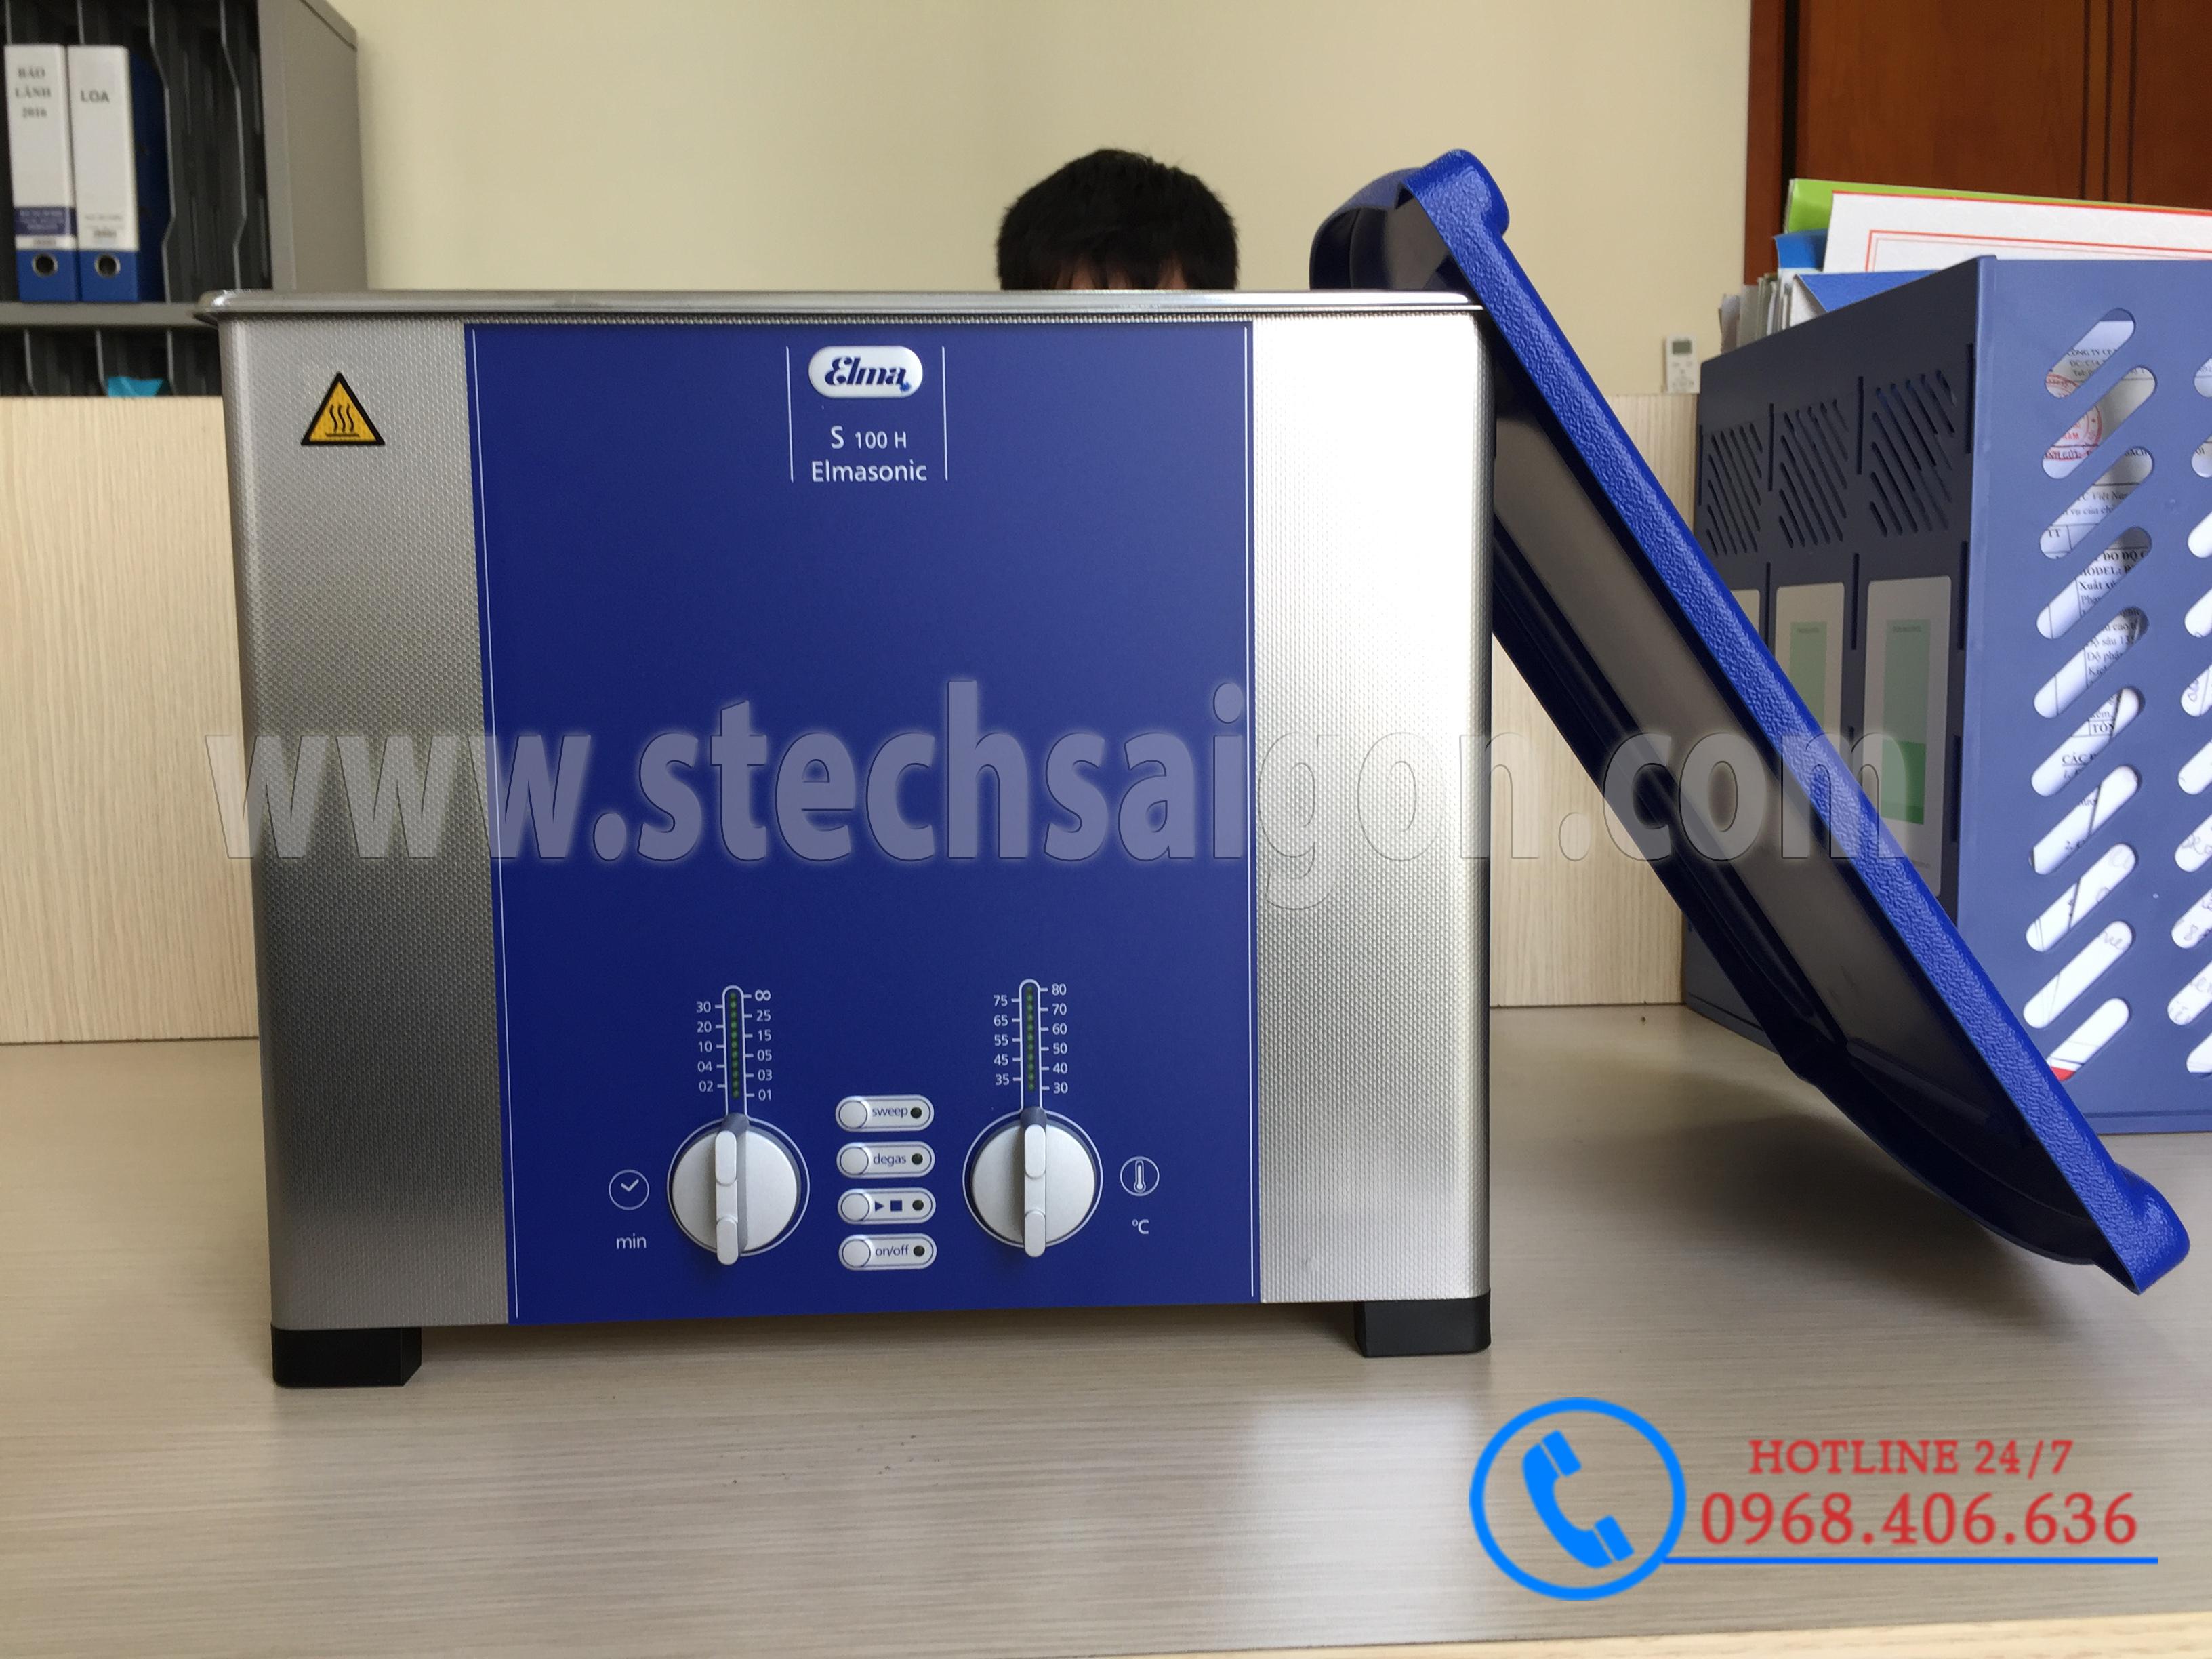 Hình ảnh Bể rửa siêu âm Elma™ S120H - 12.75 lít cung cấp bởi Stech Sài Gòn. Sản phẩm có sẵn tại Hà Nội và Hồ Chí Minh